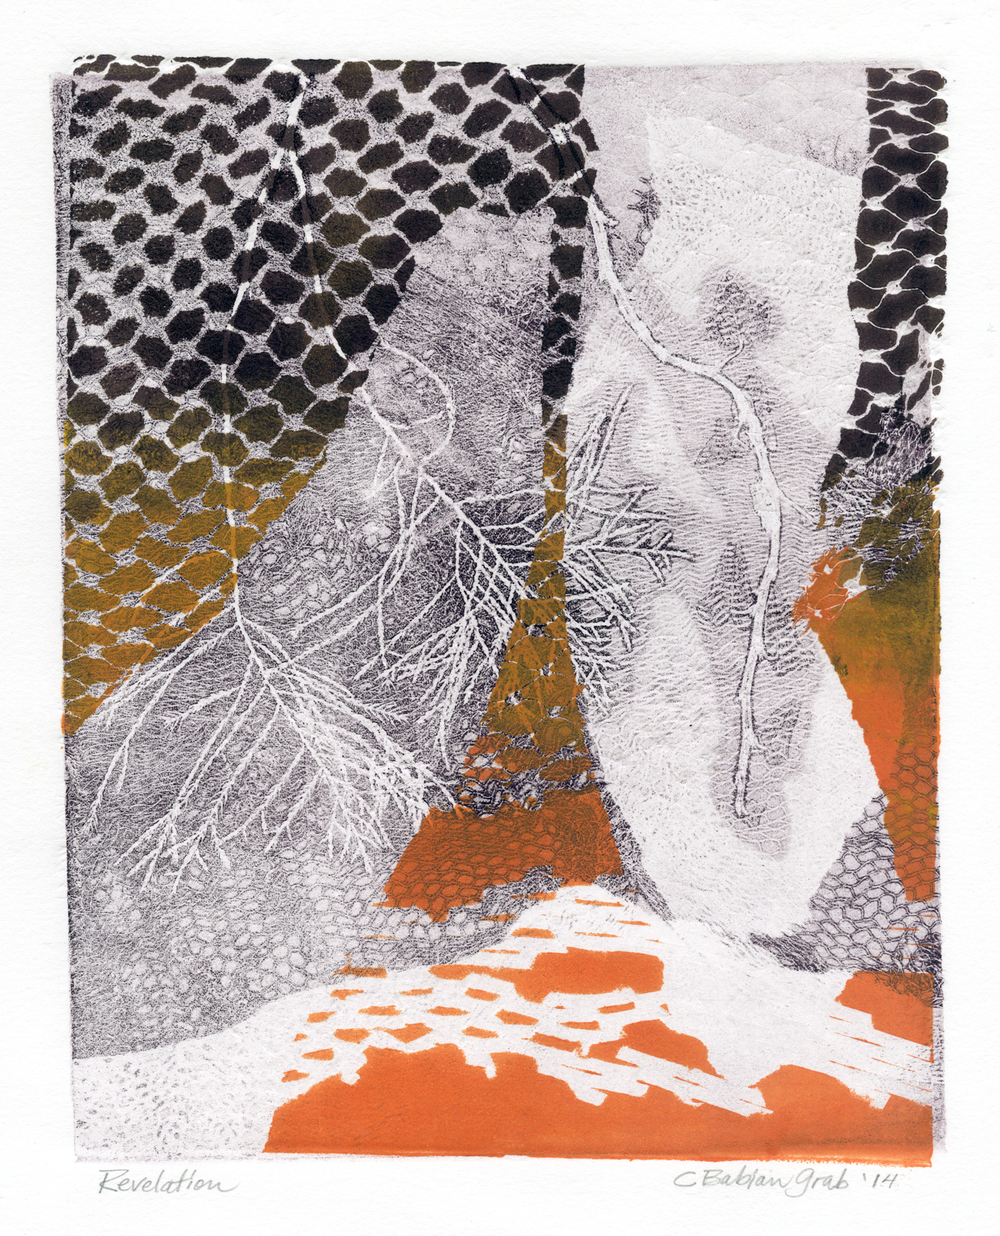 Revelation,  monotype, 11 x 9 inches, 2014